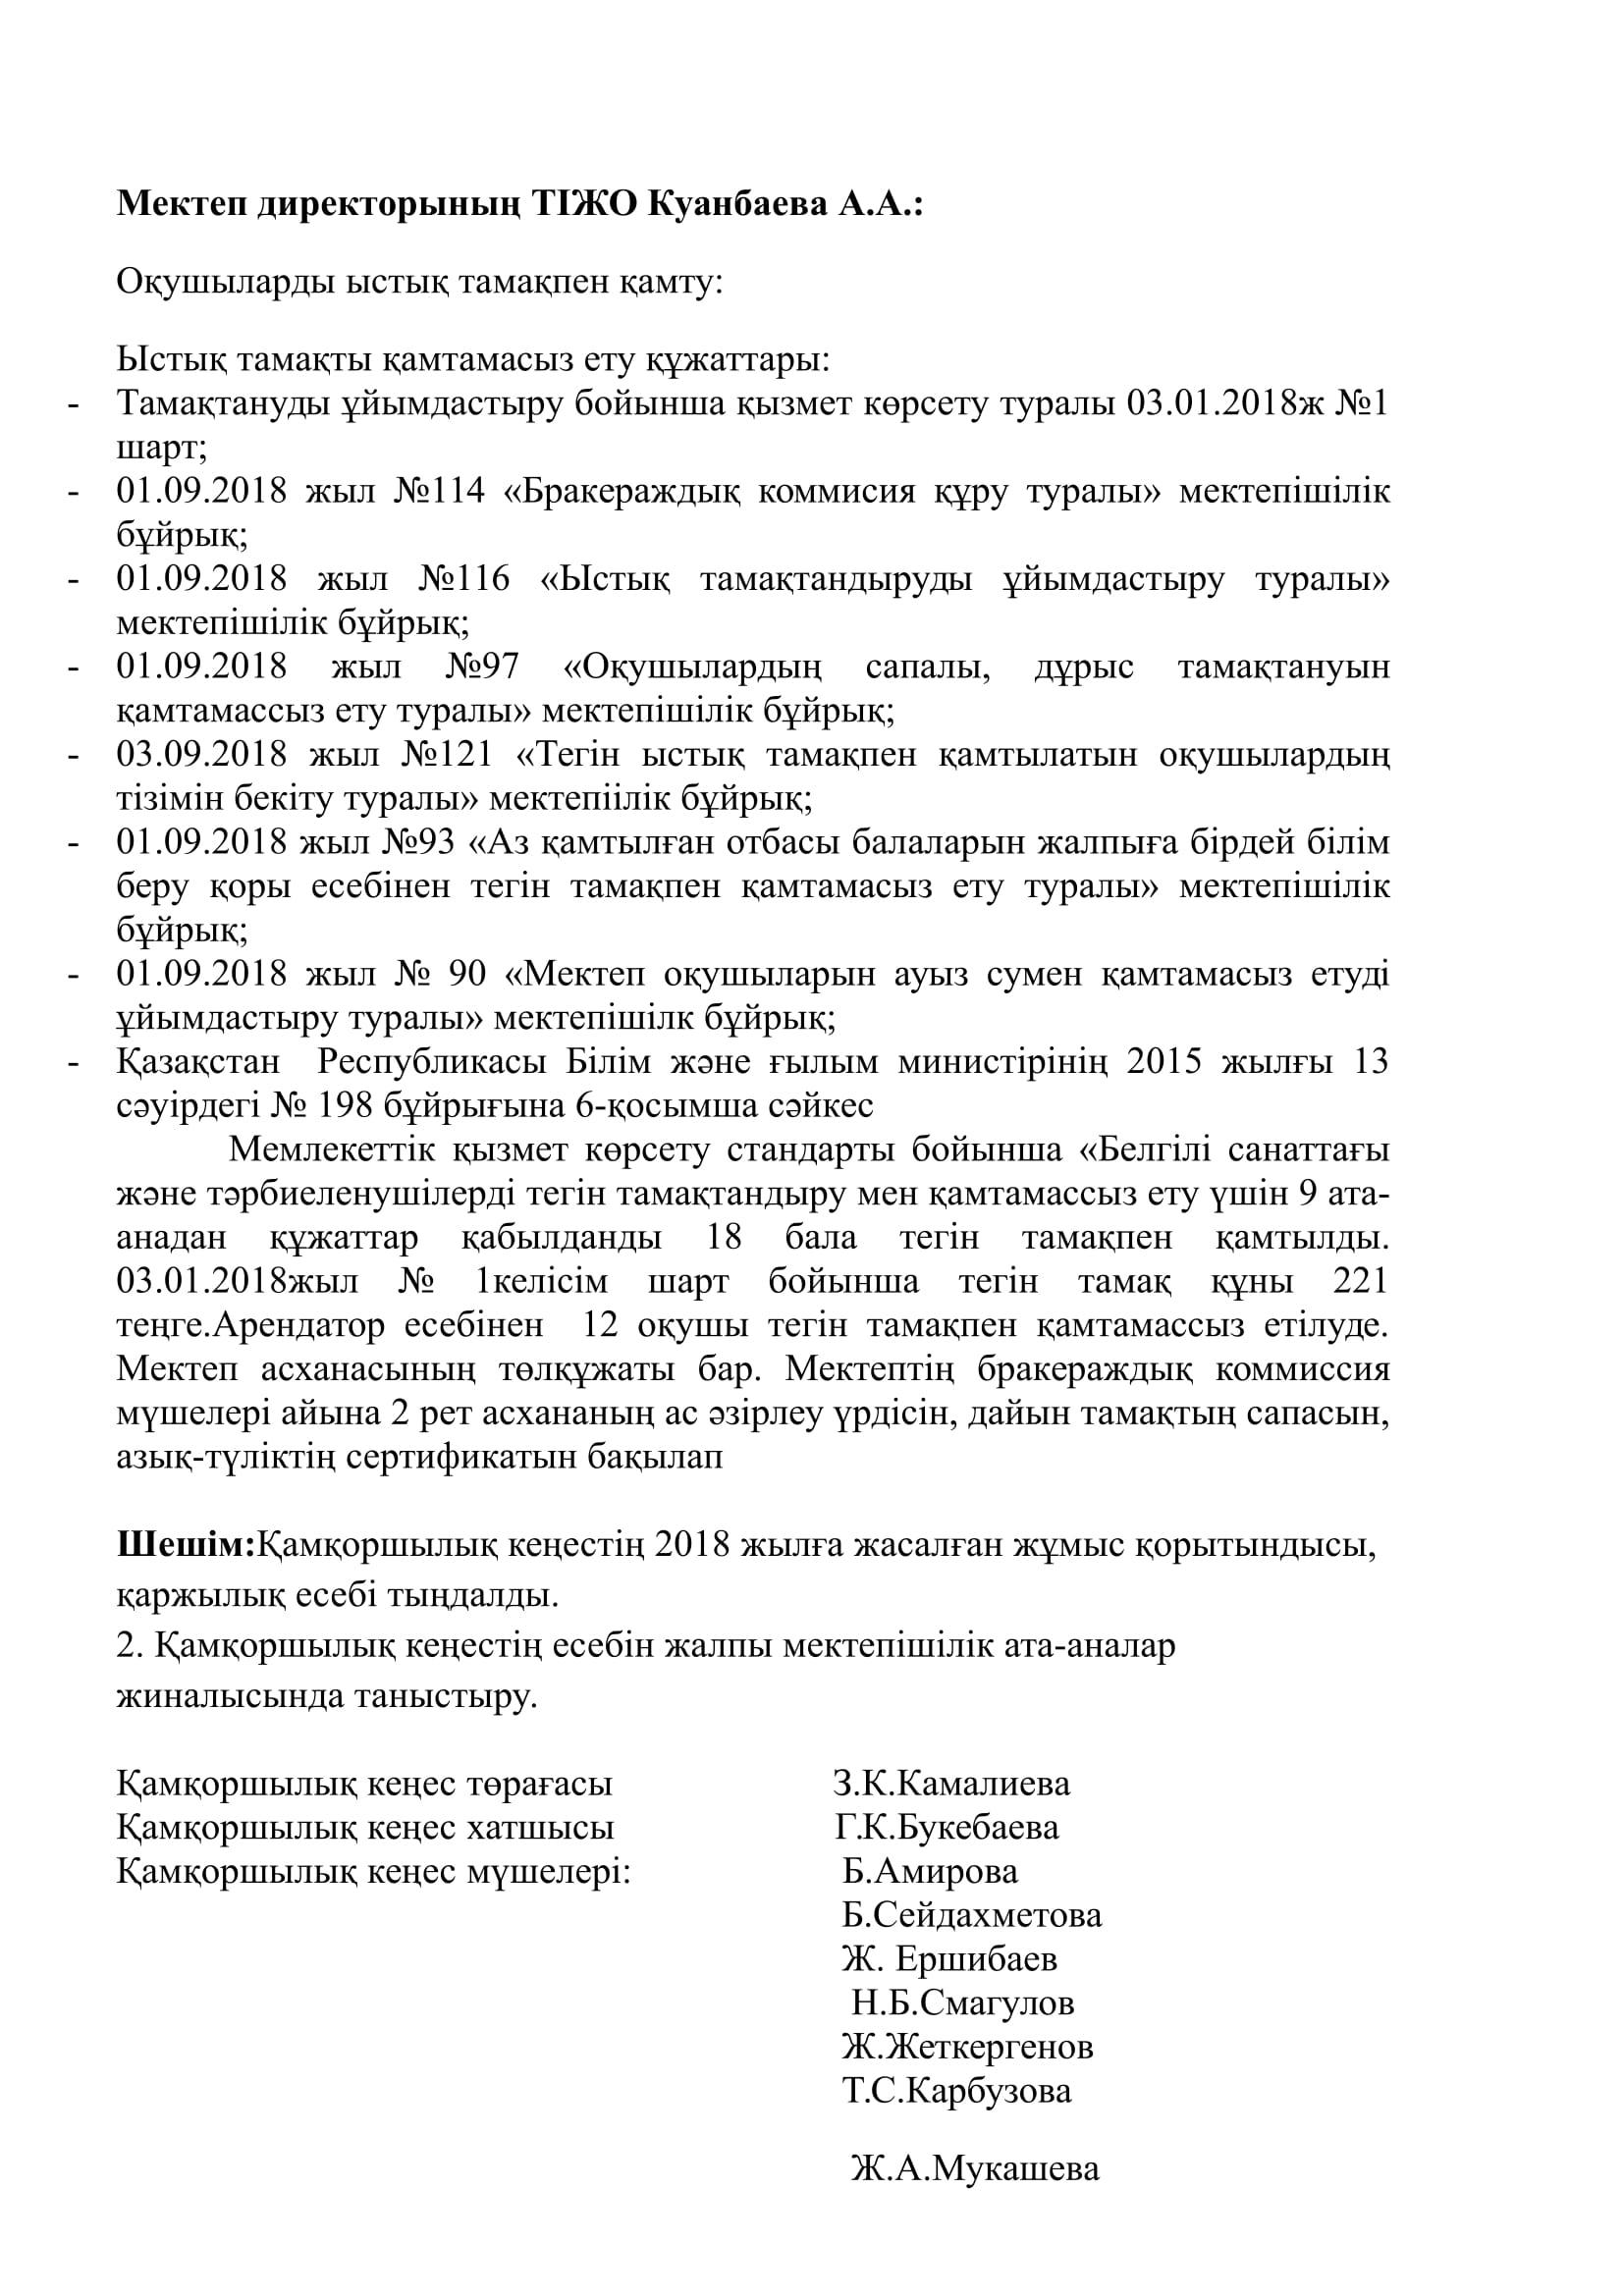 СОШ№36 ХАТТАМА — 2018-2019-15.jpg